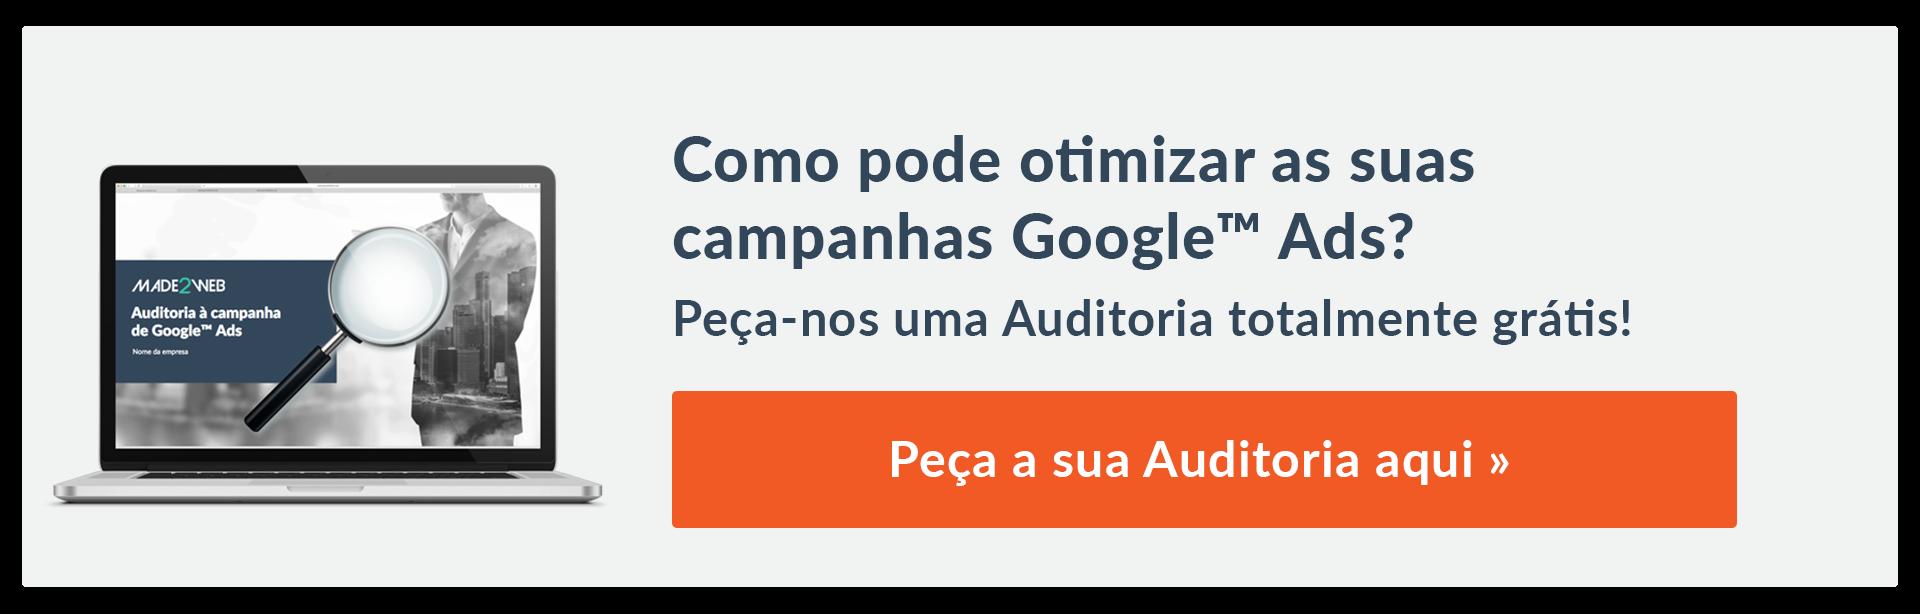 Auditoria grátis às Campanhas Google Adwords  PEÇA A SUA AUDITORIA AQUI»